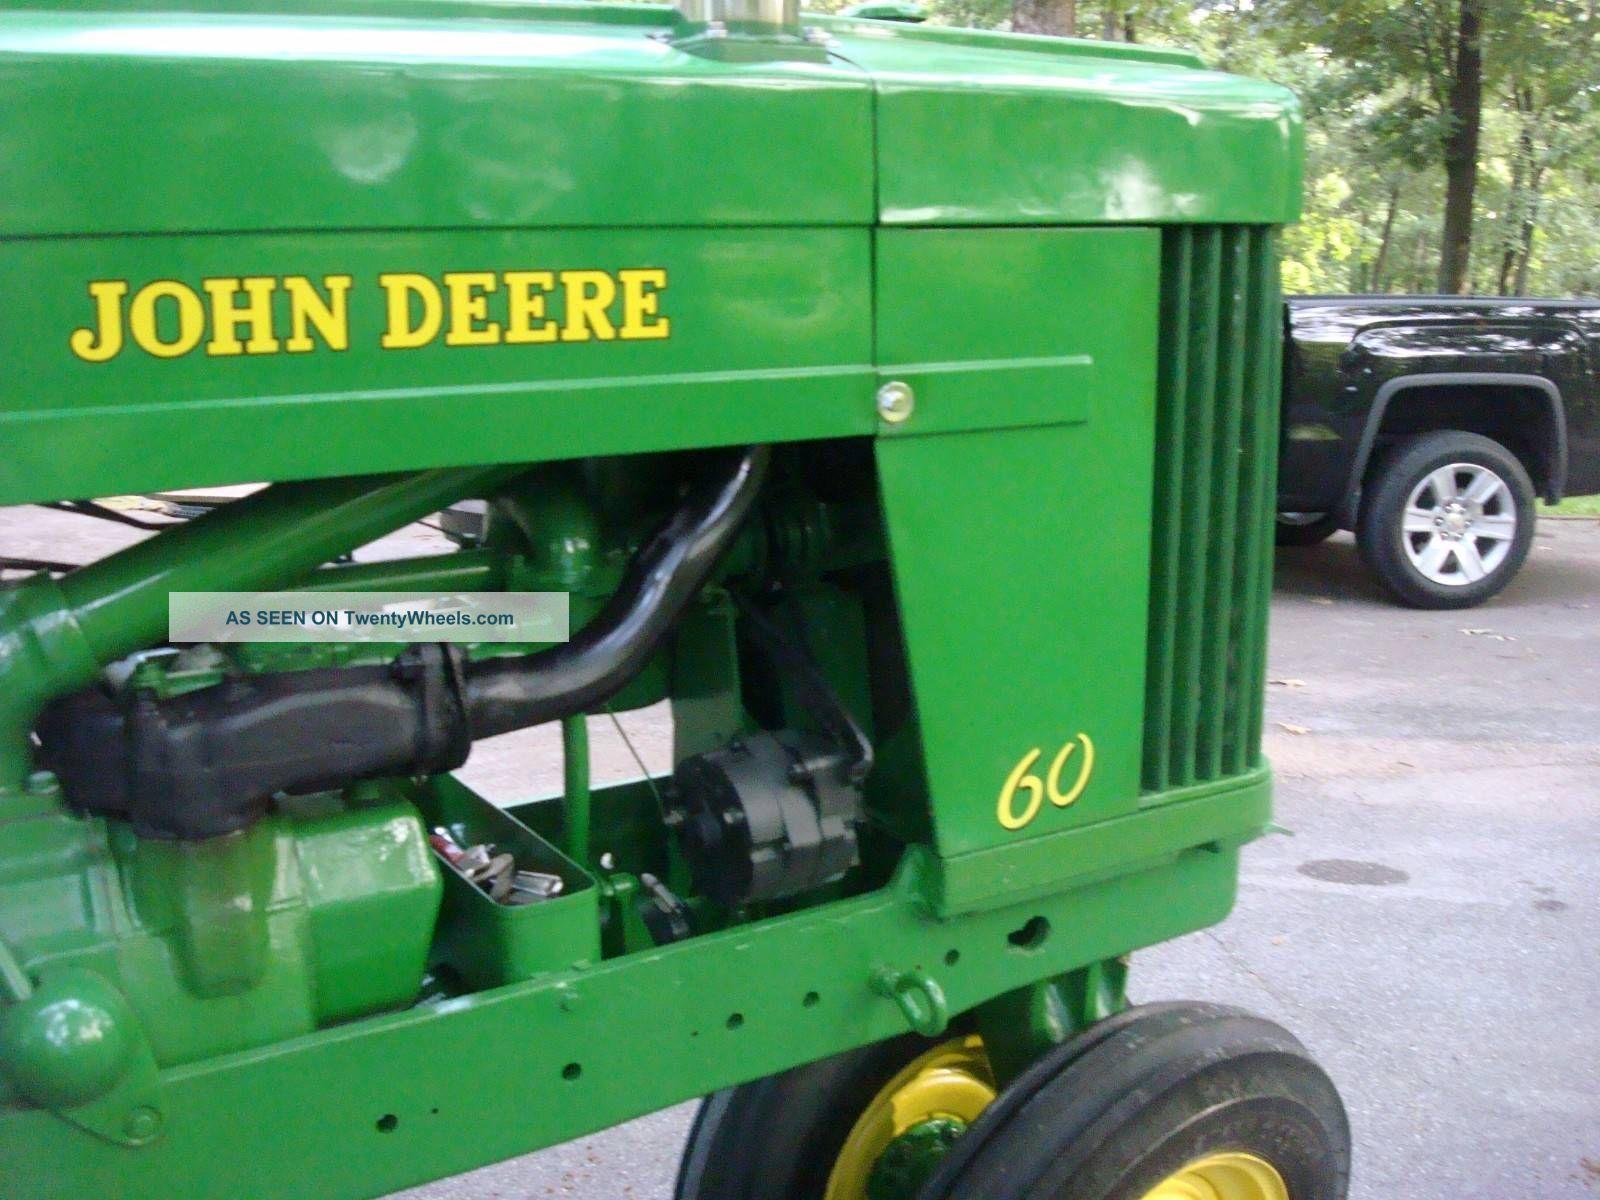 John Deere 60 Series Antique Tractor